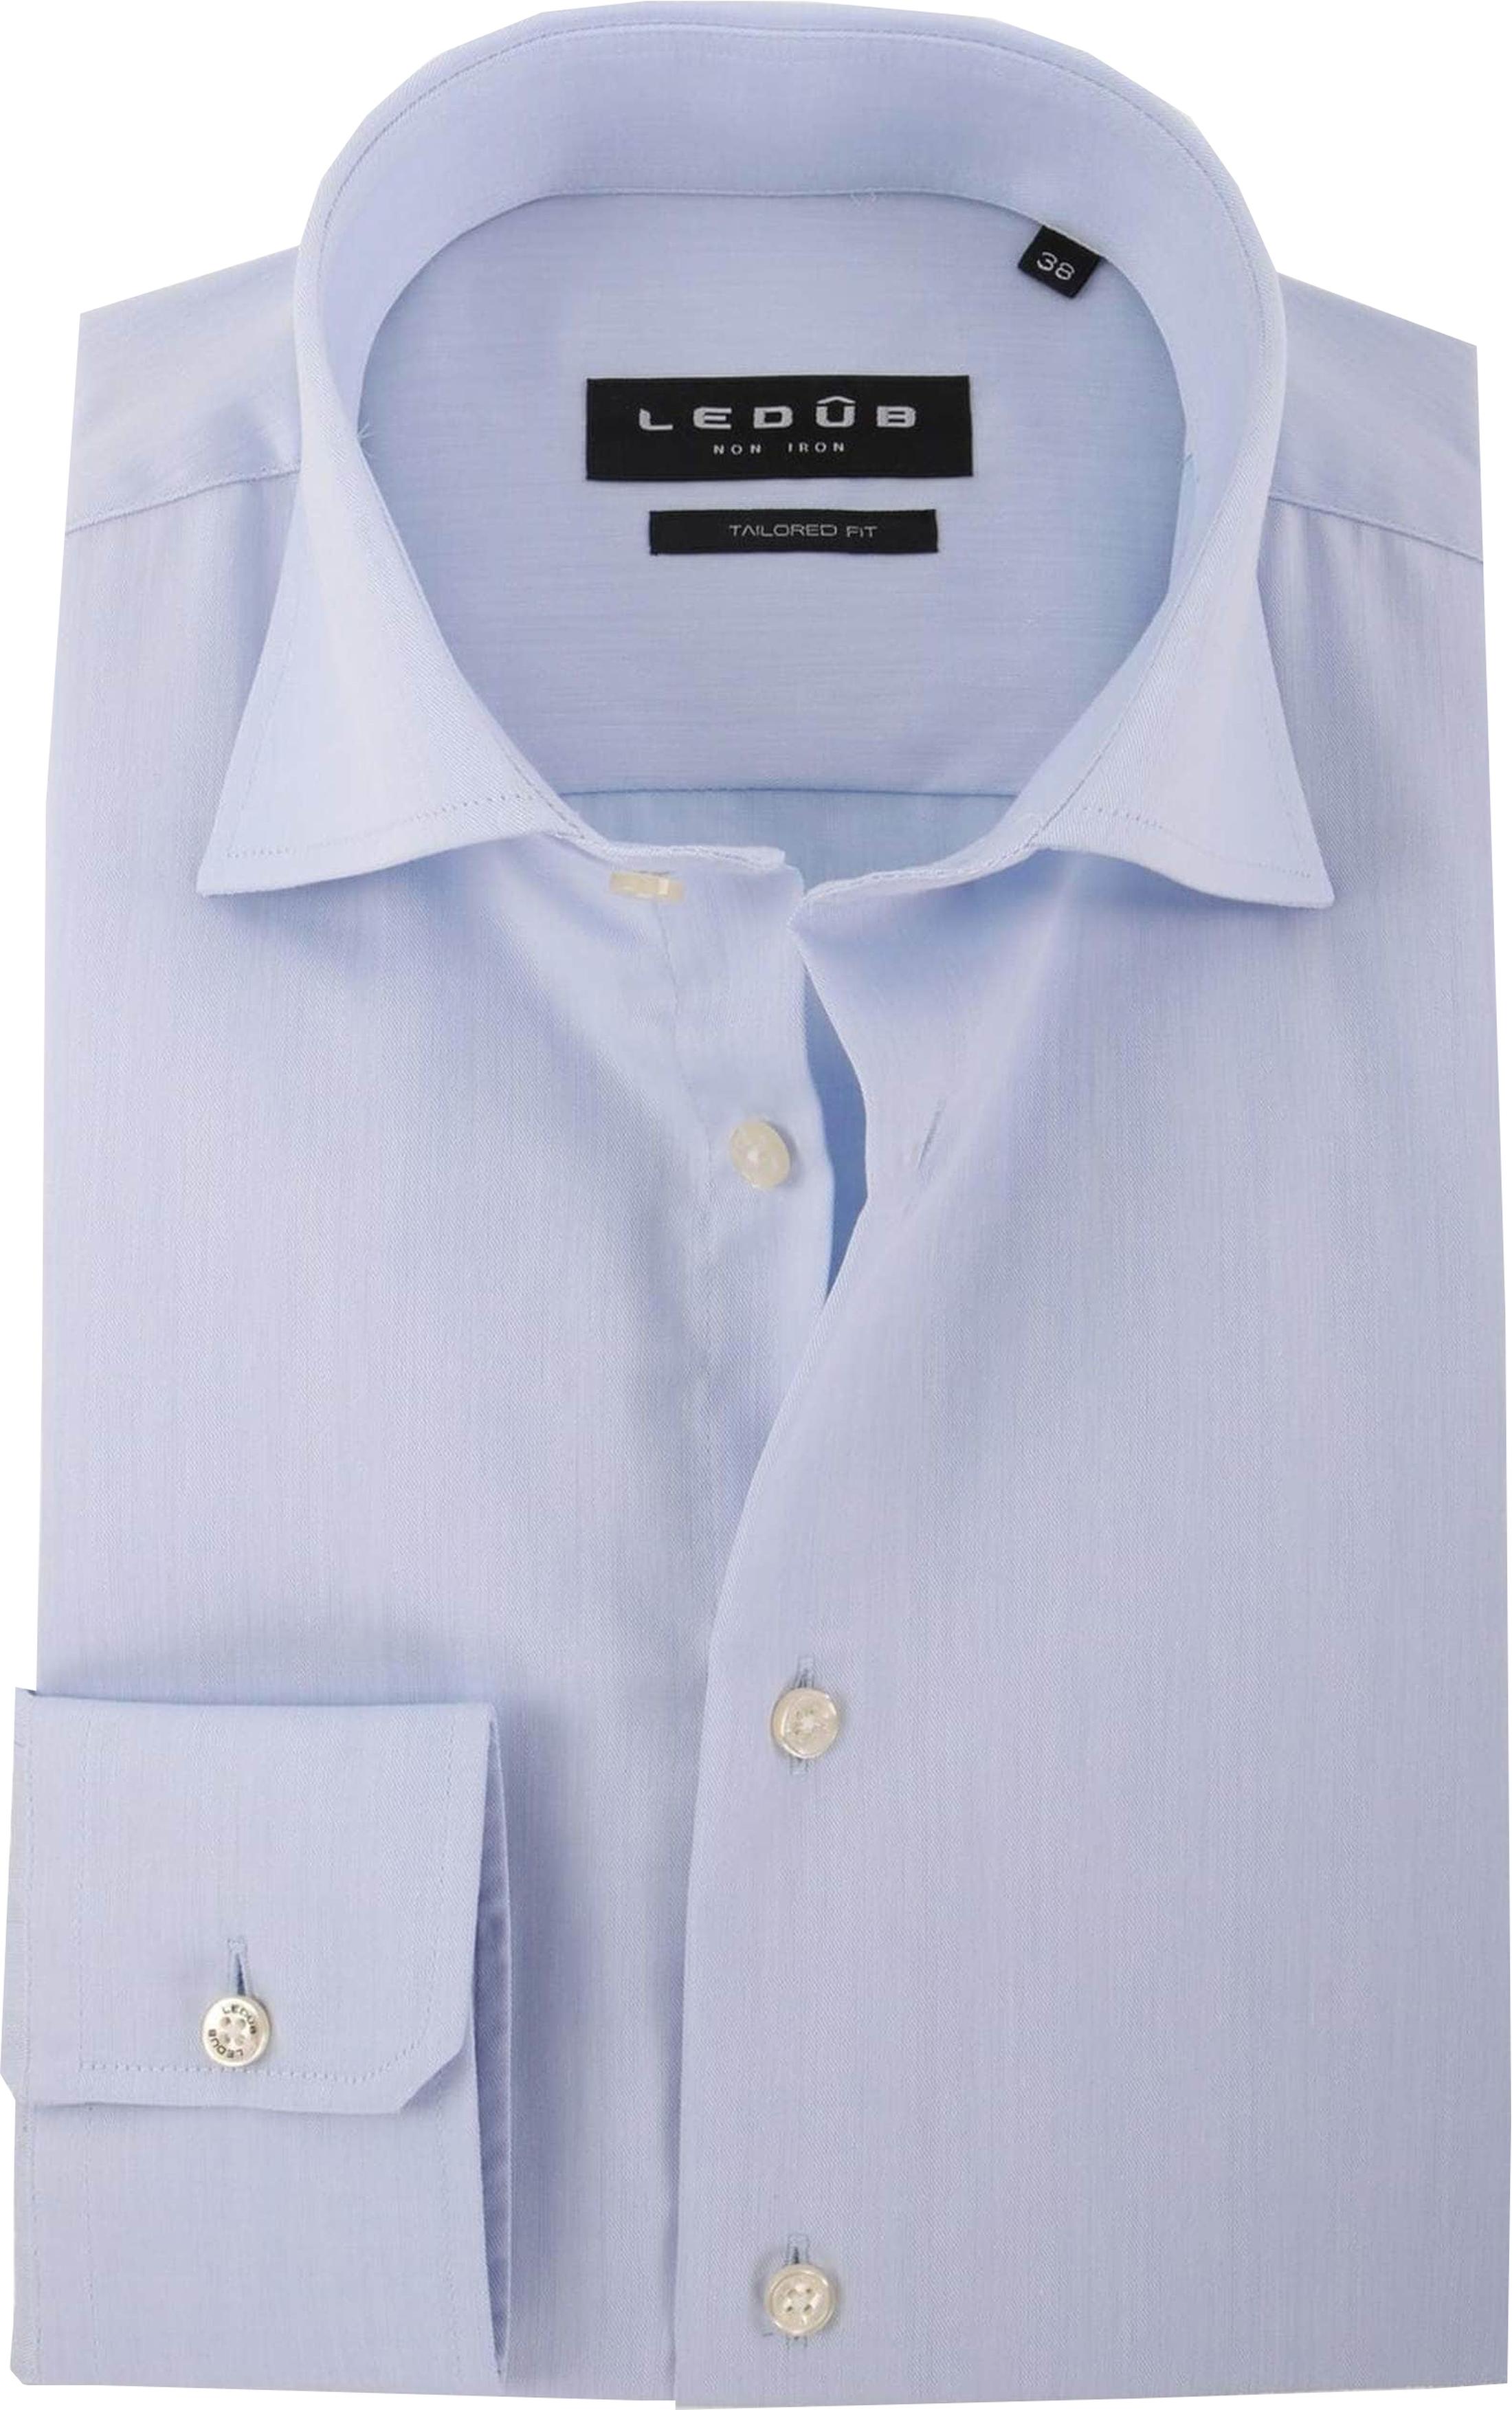 Ledub Hemd Bügelfrei Blau